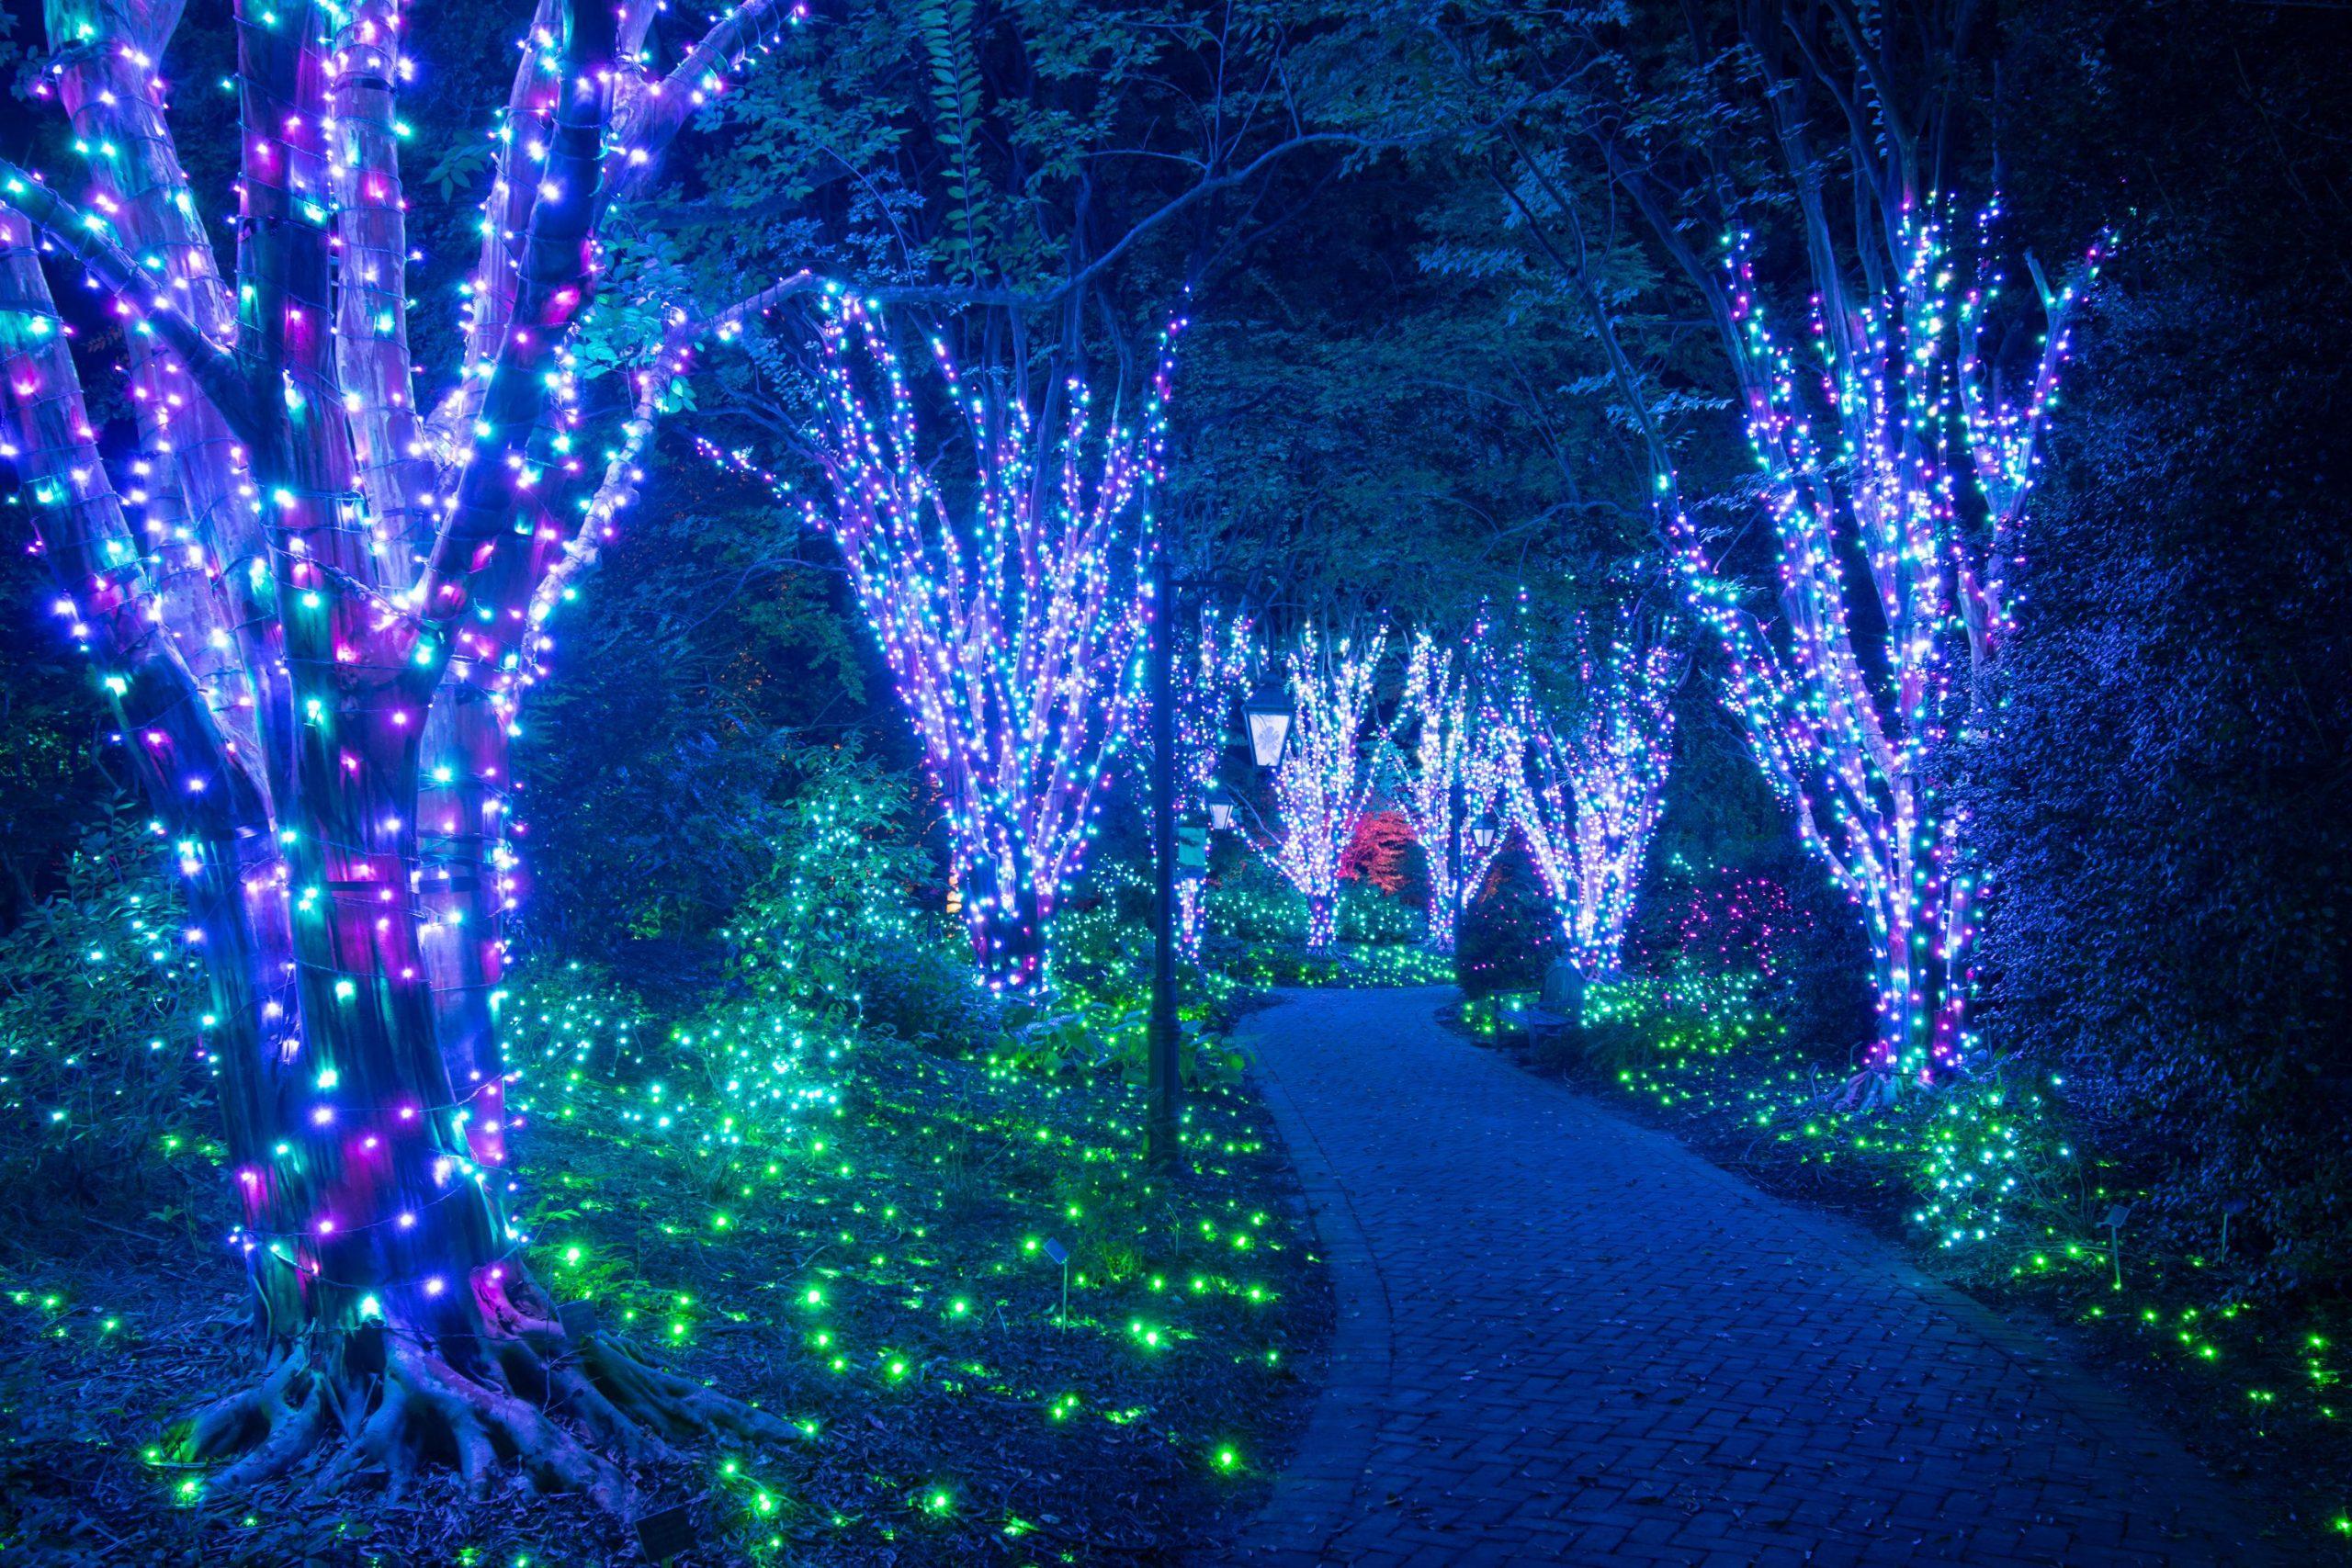 Holiday lights on crape myrtles in the Flagler Garden